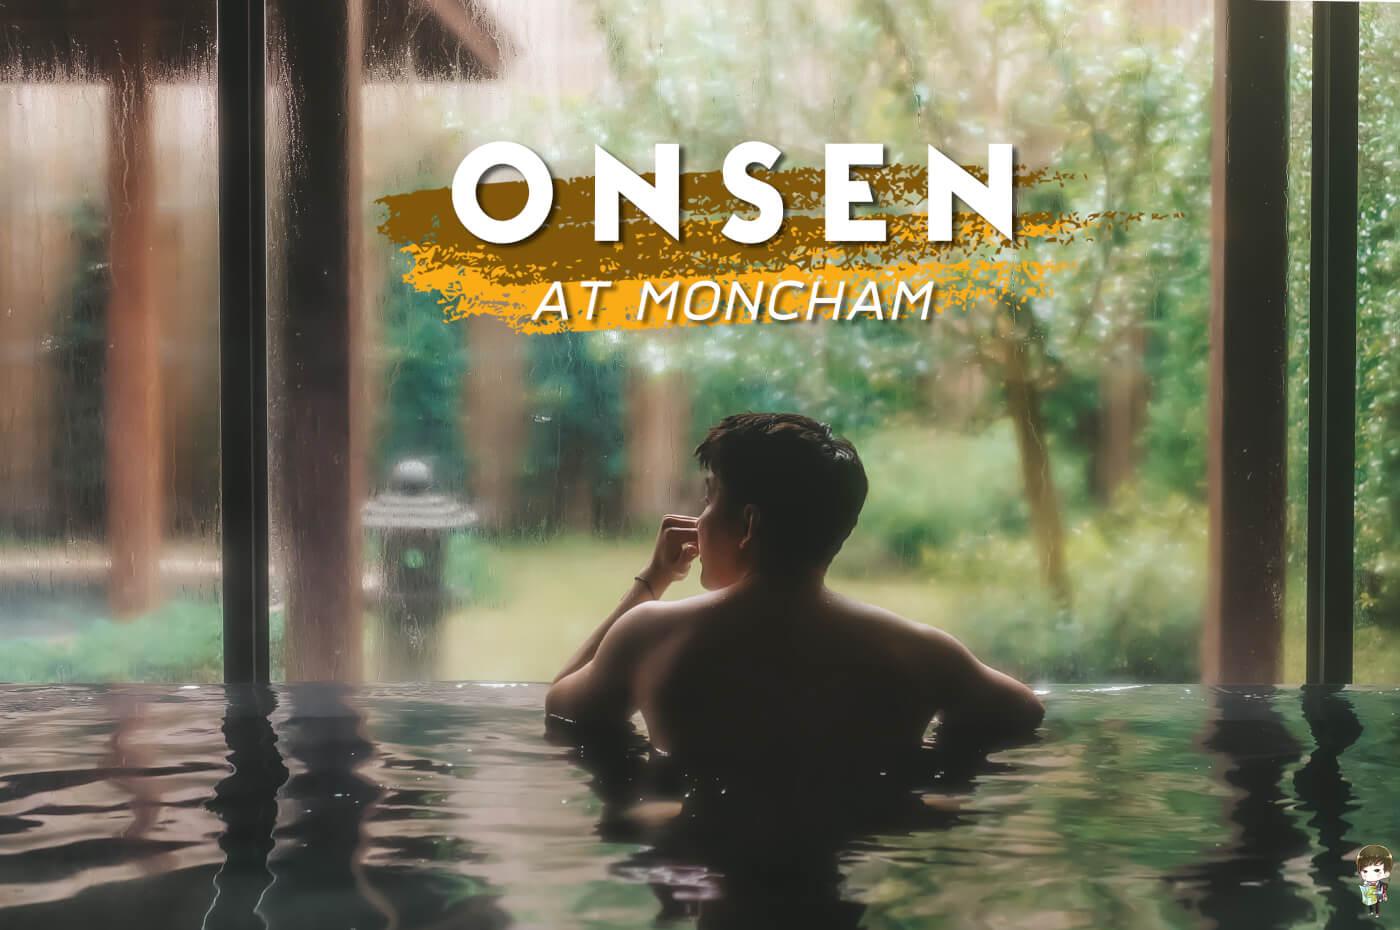 หน้าหนาวเชียงใหม่แช่ออนเซ็น Onsen @ Moncham